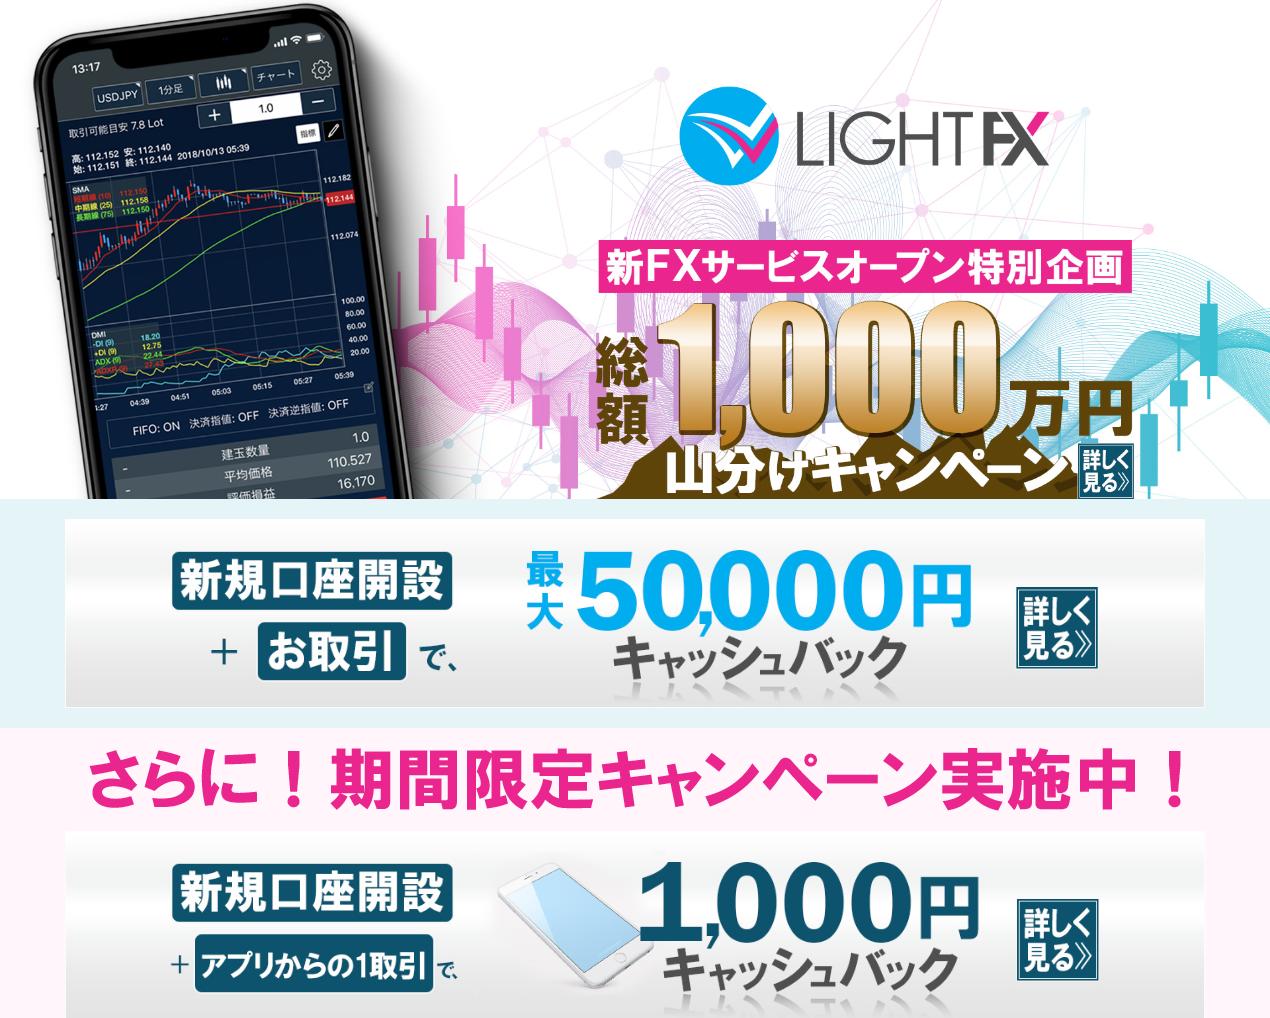 FireShot Capture 363 - FXはじめるならLIGHT FXで - https___lightfx.jp_LP_fx__AffiCode=134